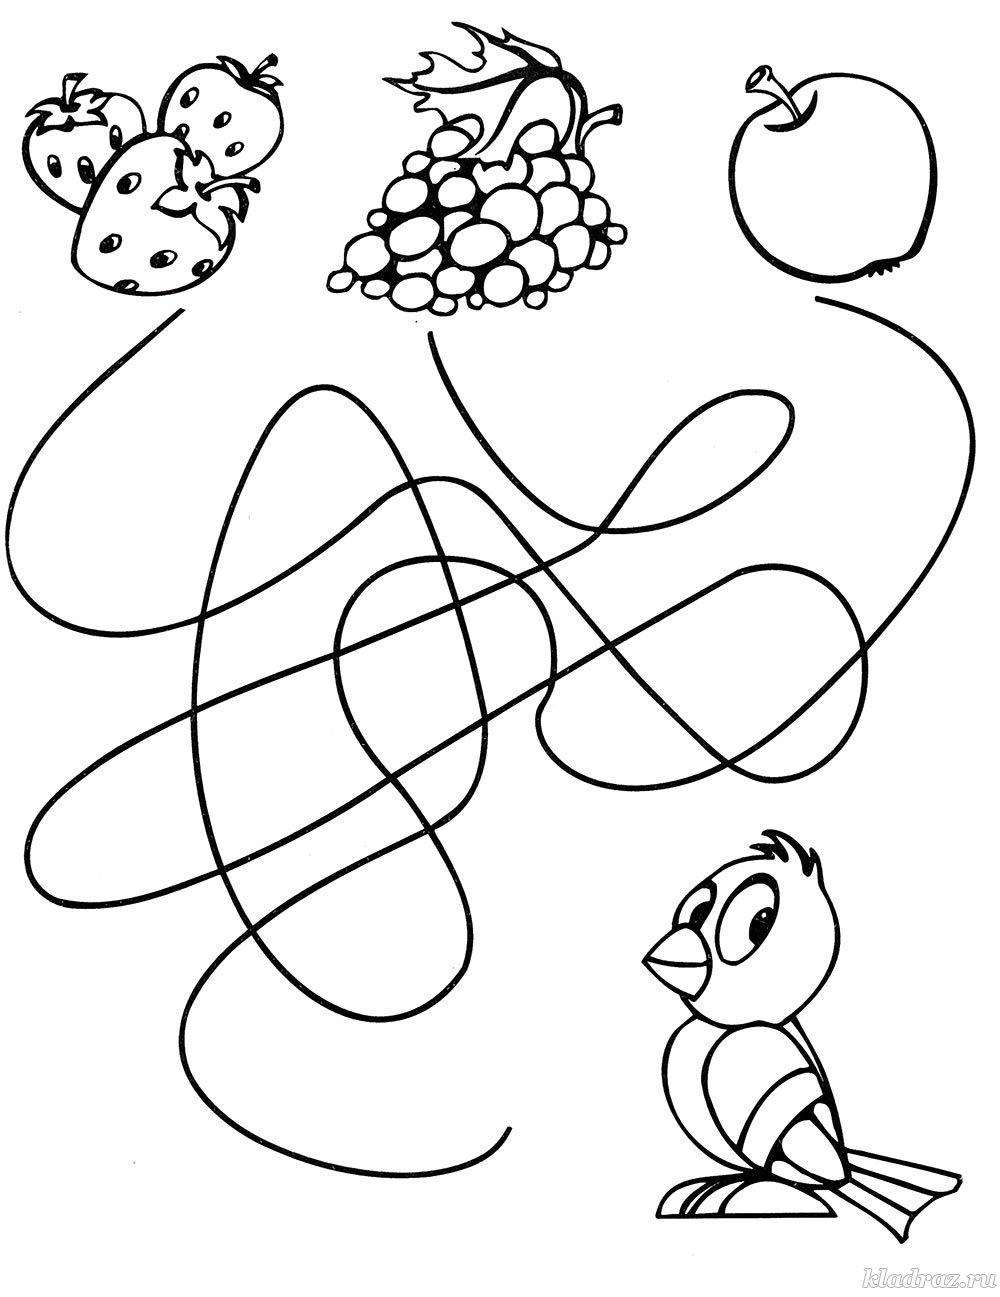 Раскраски лабиринты для детей 4 лет